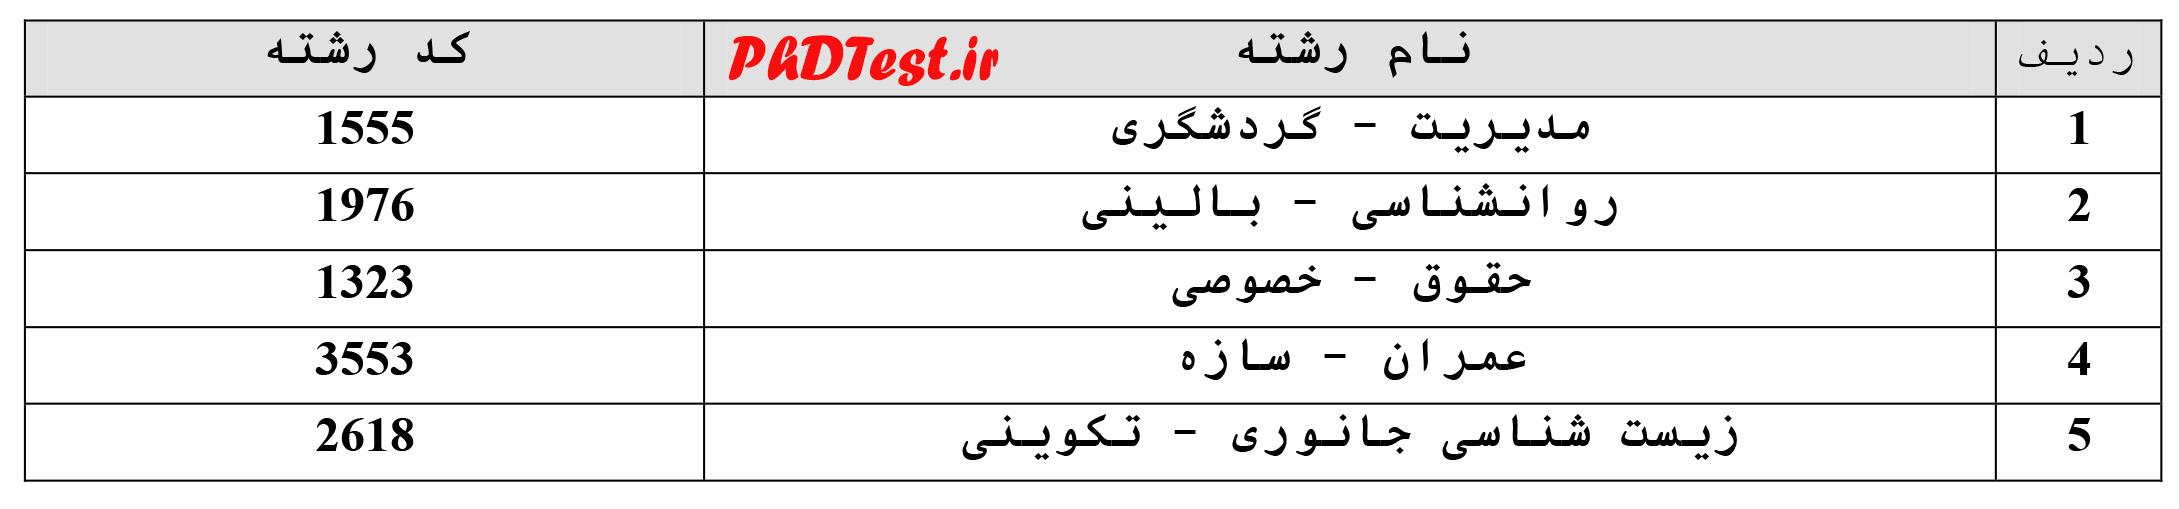 روزنامه وزین ایران- همشهری- اطلاعات